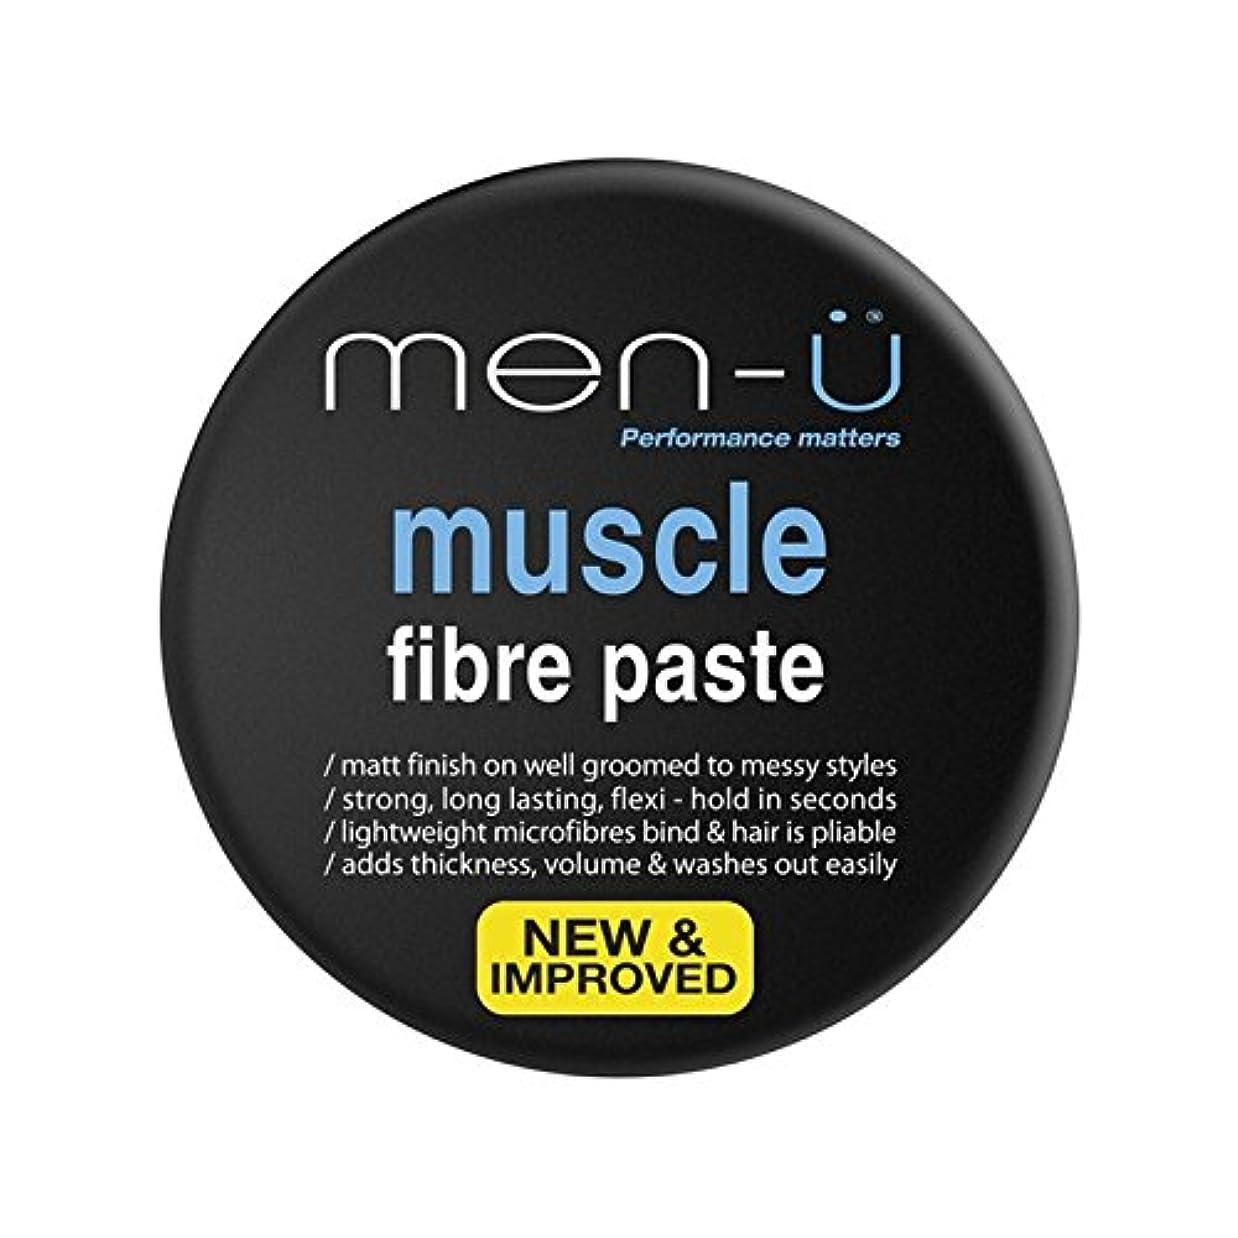 不要関数Men-? Muscle Fibre Paste (100ml) (Pack of 6) - 男性-?筋線維ペースト(100ミリリットル) x6 [並行輸入品]